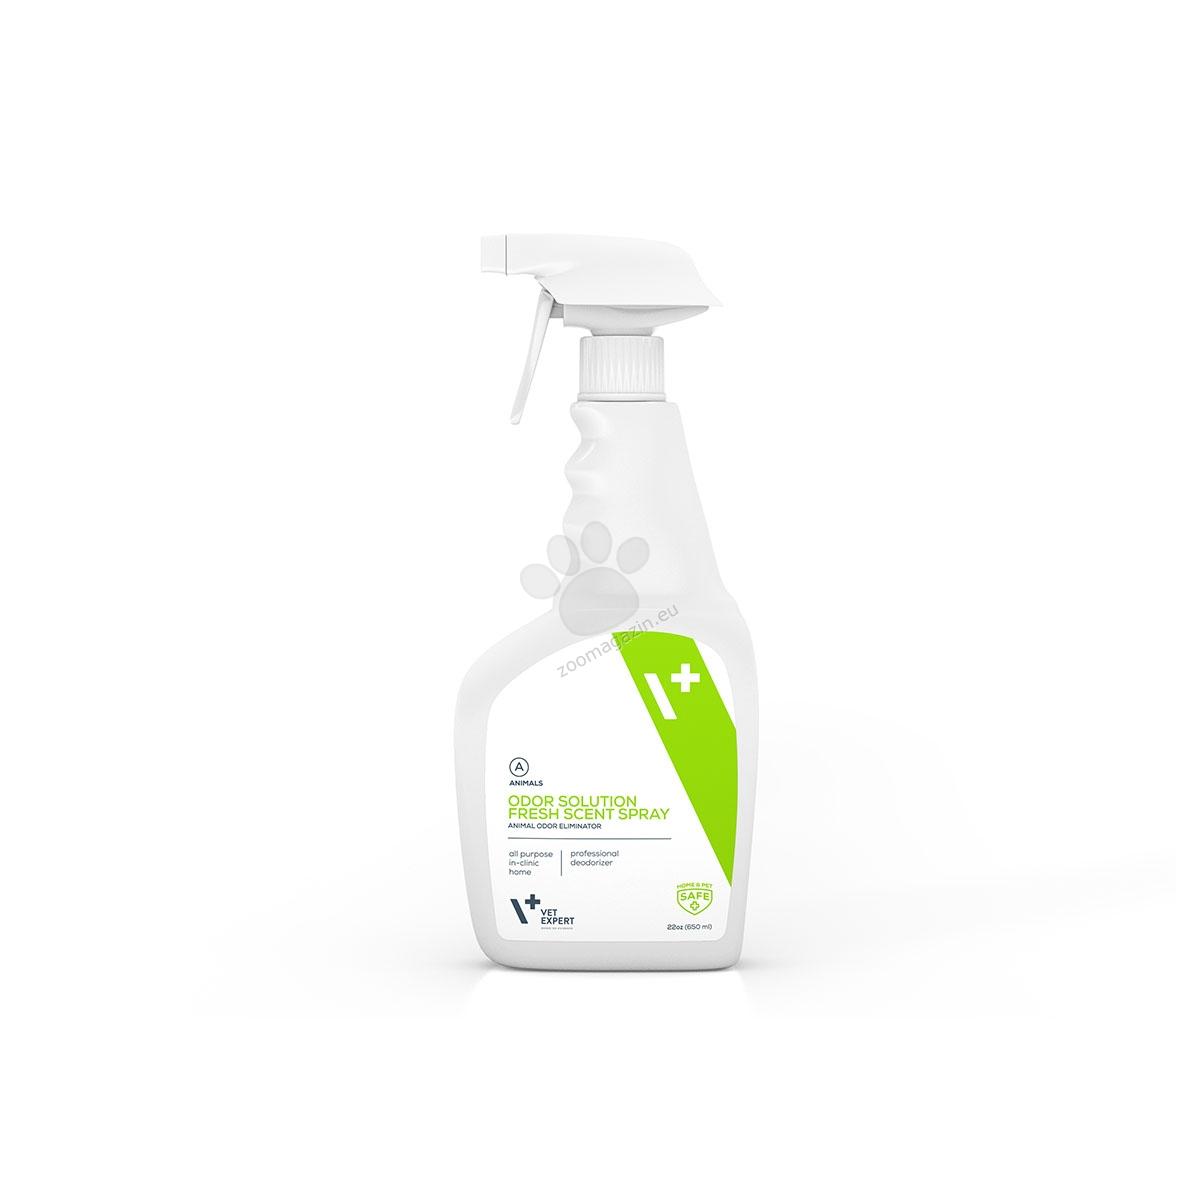 Vetexpert - Professional Animal Odor Eliminator - професионален продукт за справяне с миризми 650 мл.